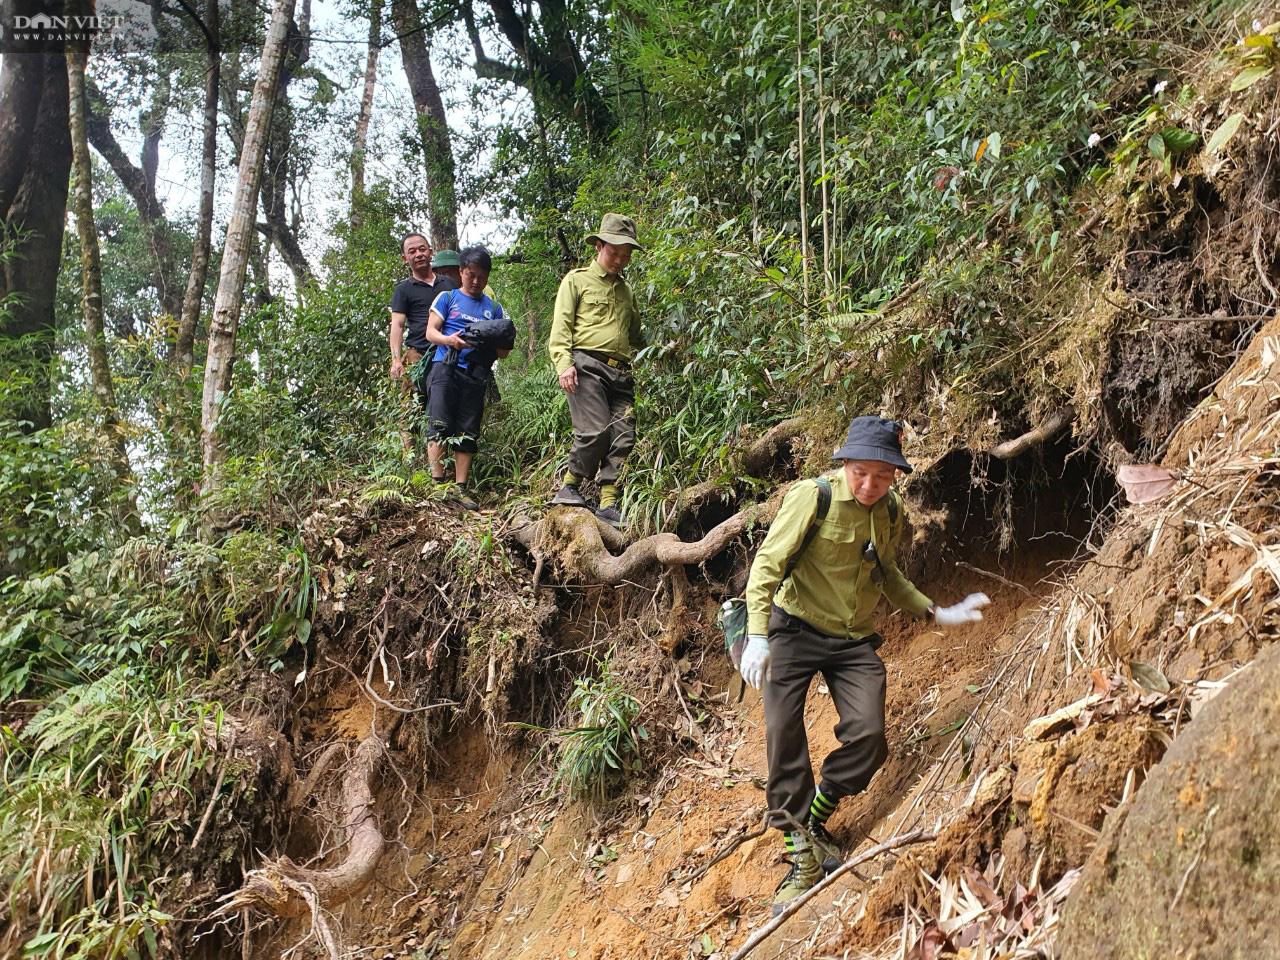 Phá rừng pơ mu VQG Hoàng Liên: UBND tỉnh Lào Cai sẽ tiếp tục xử lý trách nhiệm tổ chức, cá nhân có liên quan - Ảnh 4.